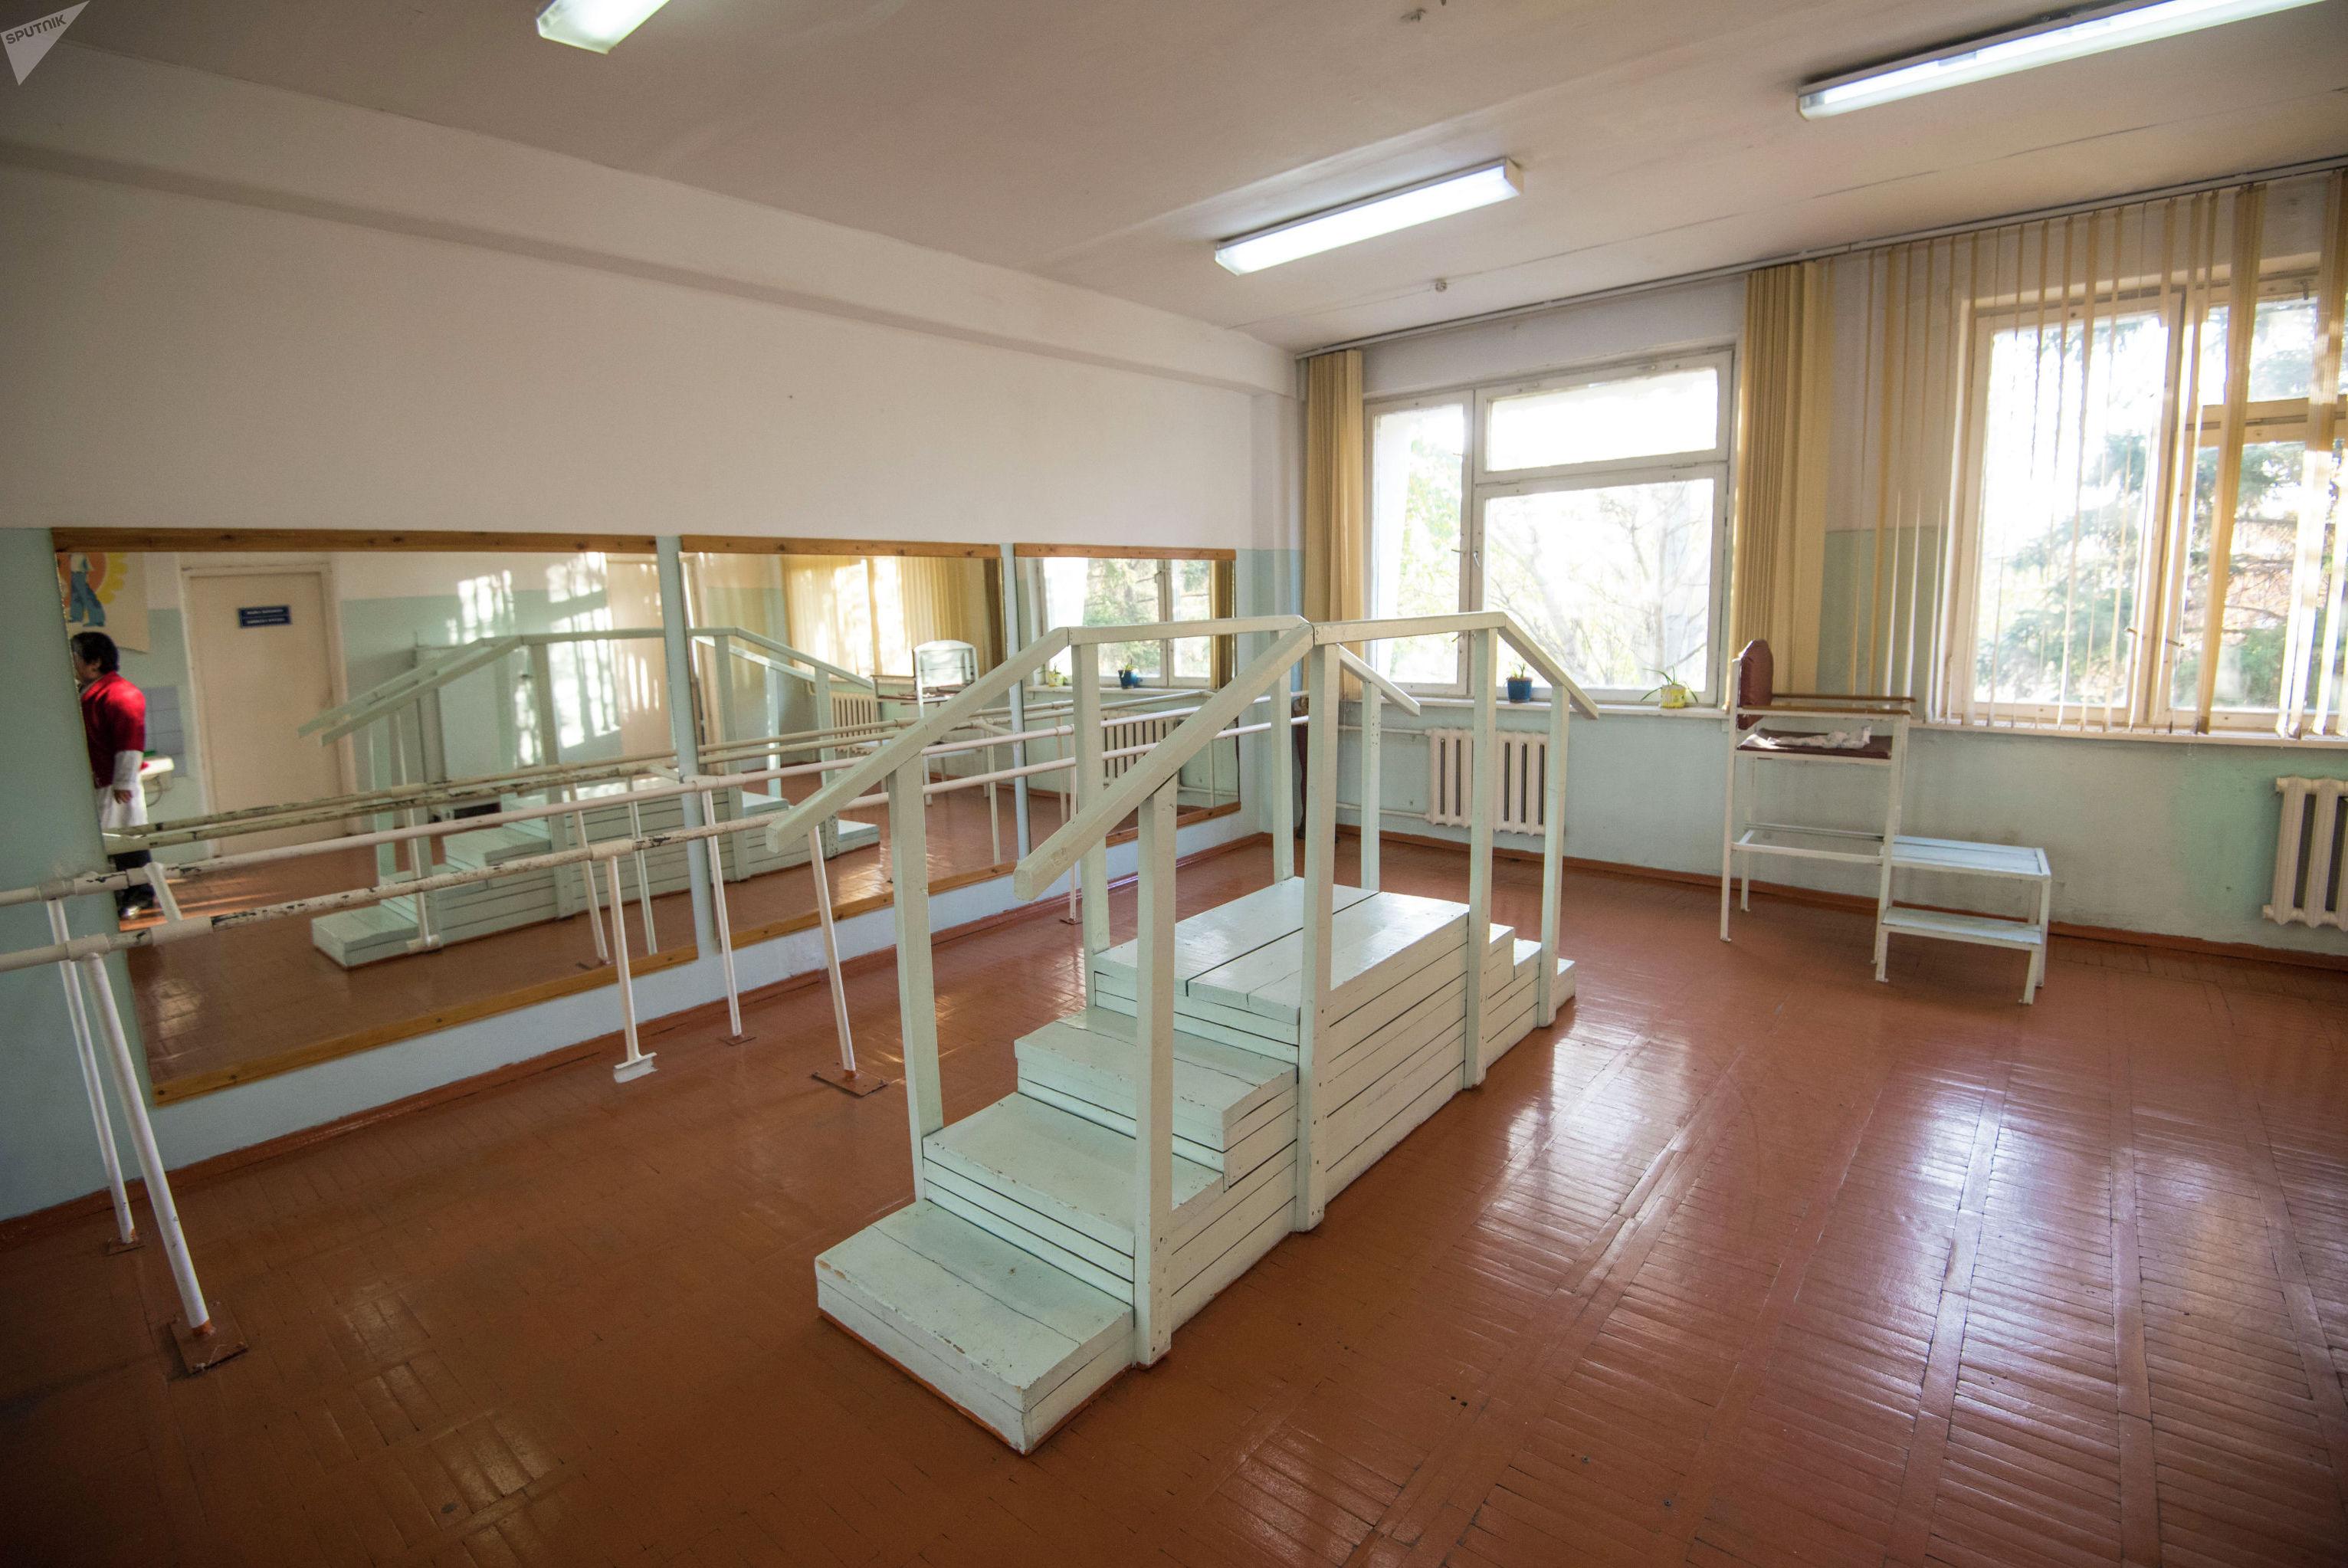 Каждый день пациенты центра тренируются здесь, чтобы приспособиться передвигать на новом протезе